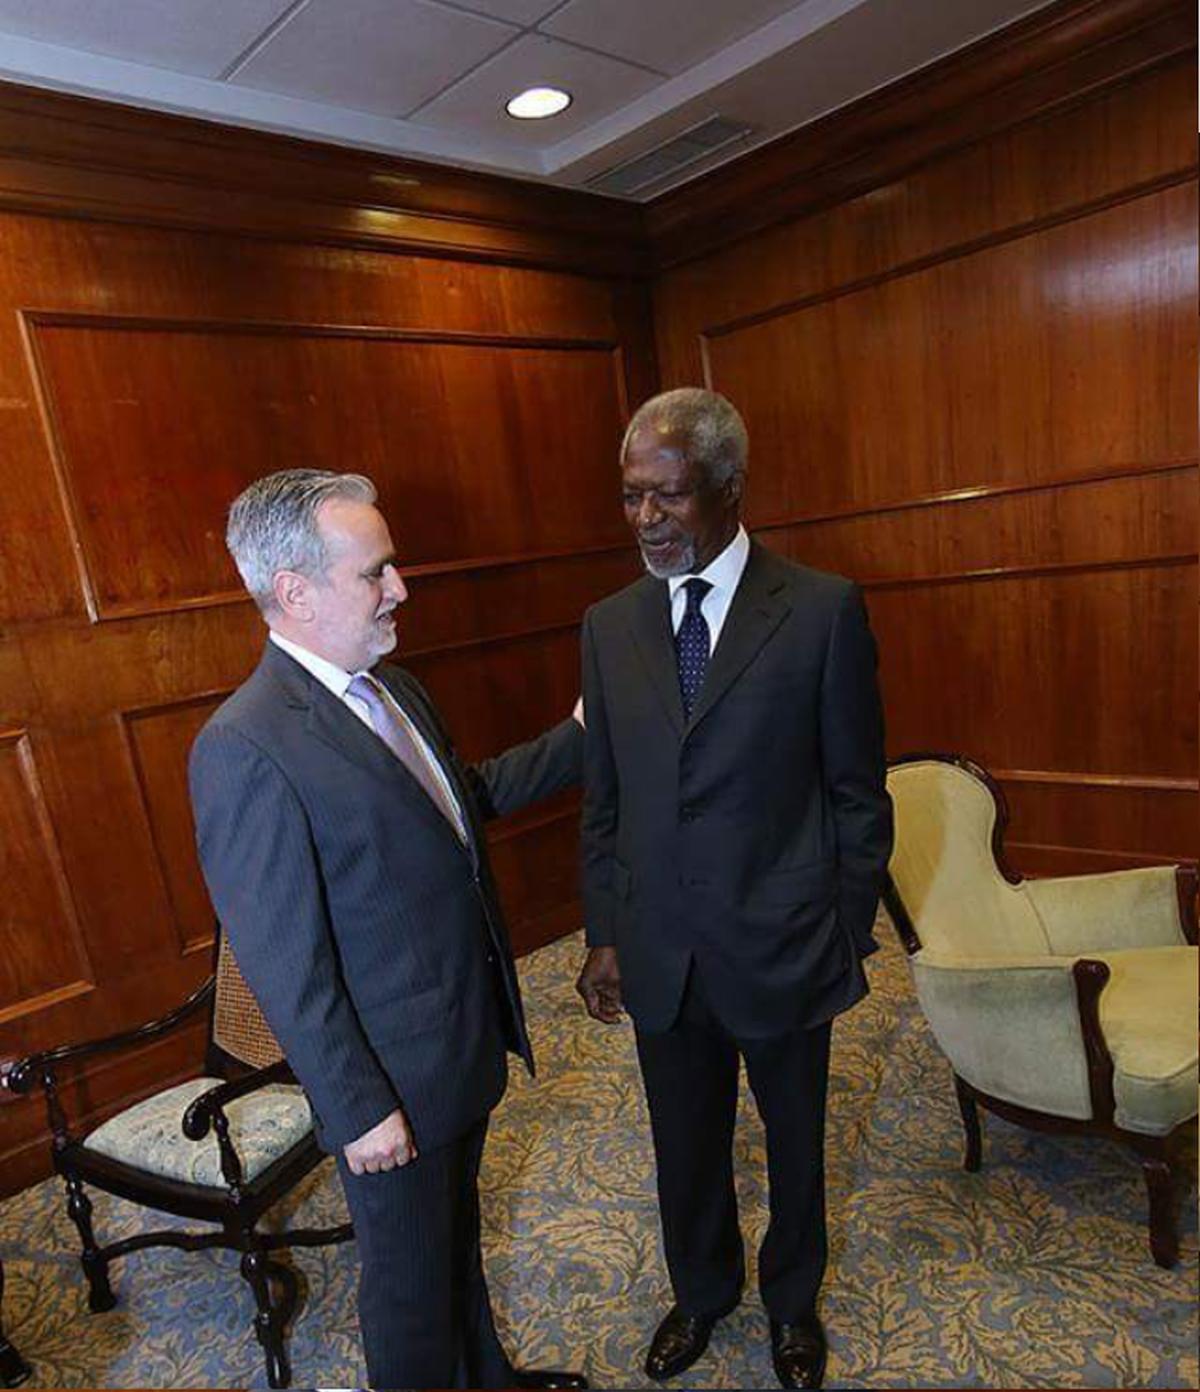 Com o ex-secretário-geral da ONU, Kofi Annan, no Rio de Janeiro, uma das muitas personalidades com quem estive nos últimos 18 anos.